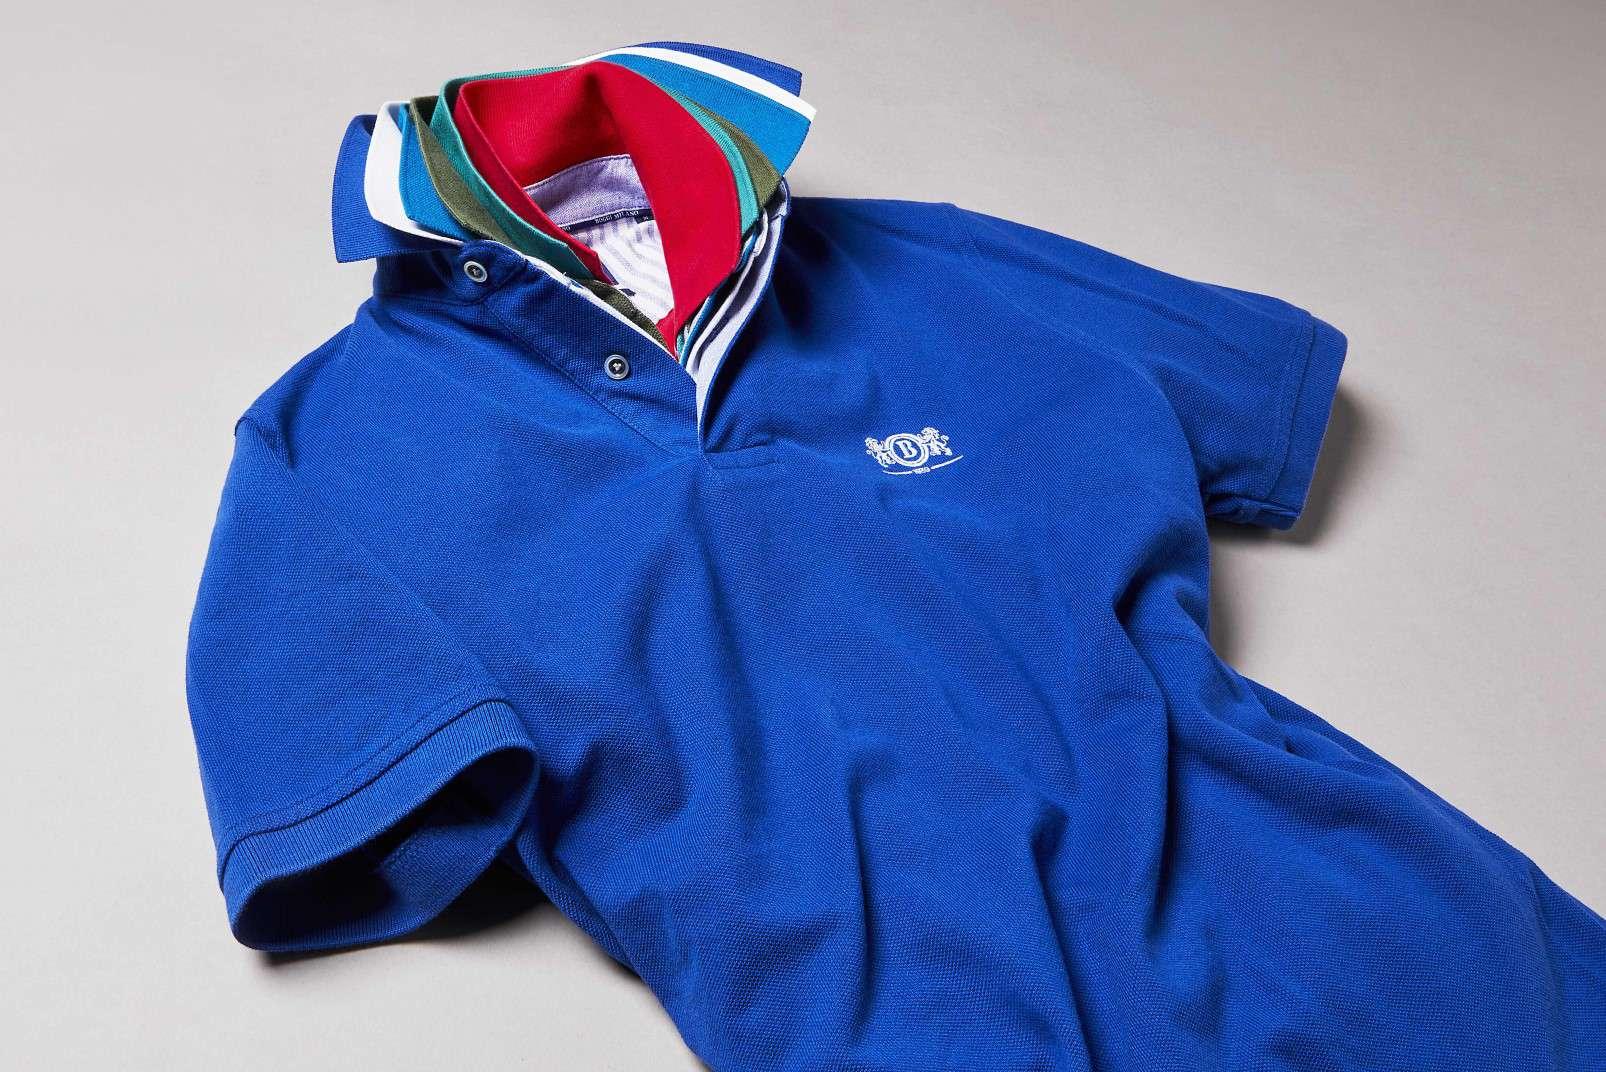 Boggi Milano polo shirts